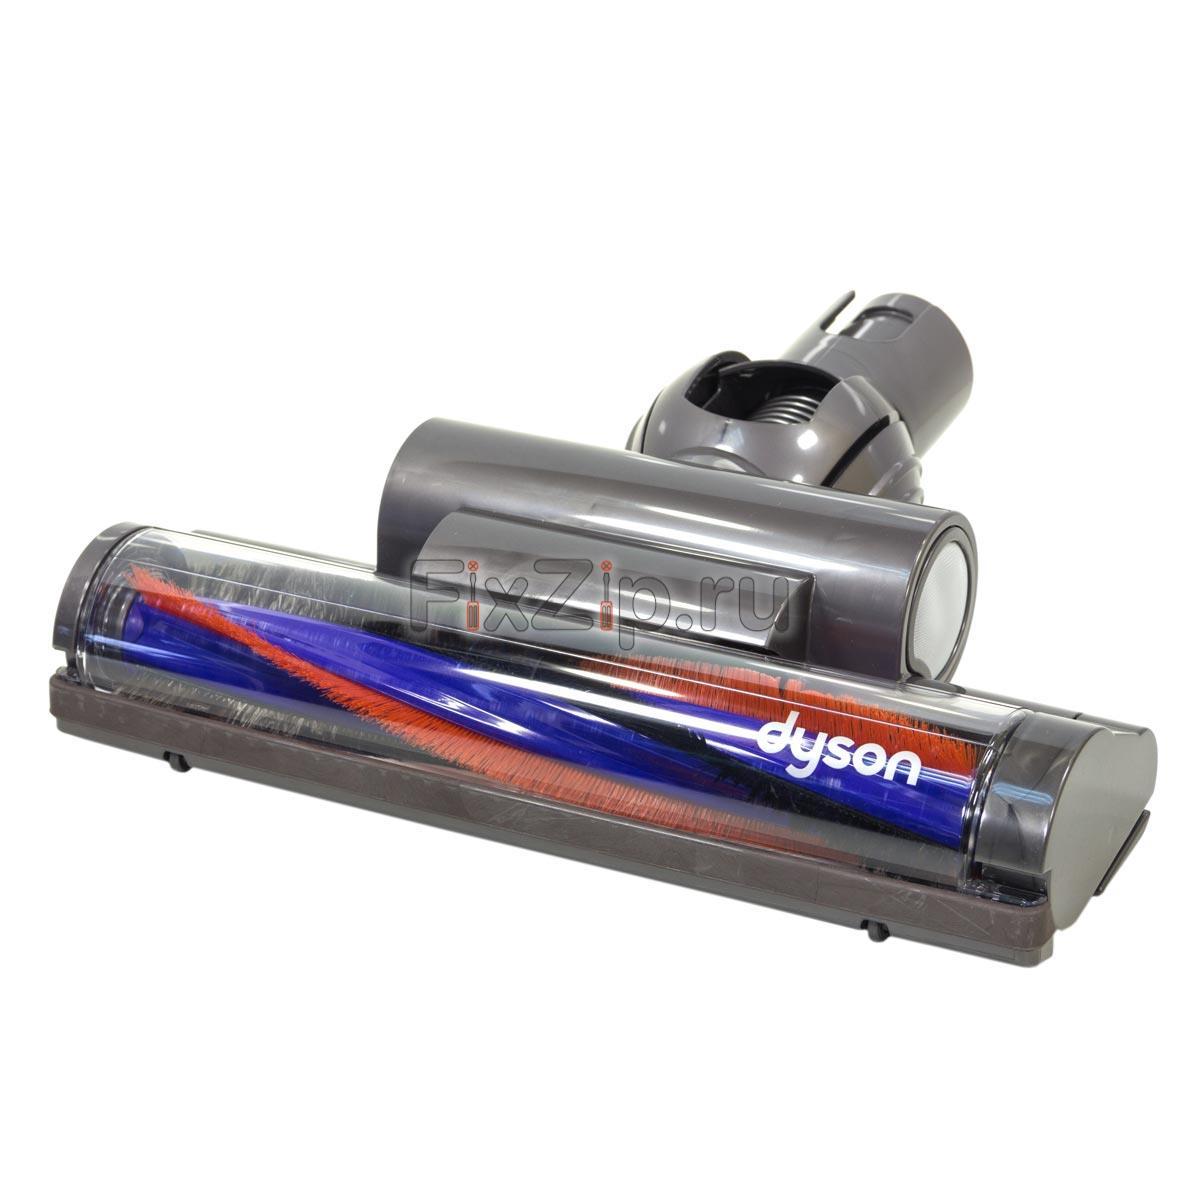 Насадки на пылесос dyson dc52 dyson dc62 аккумулятор купить